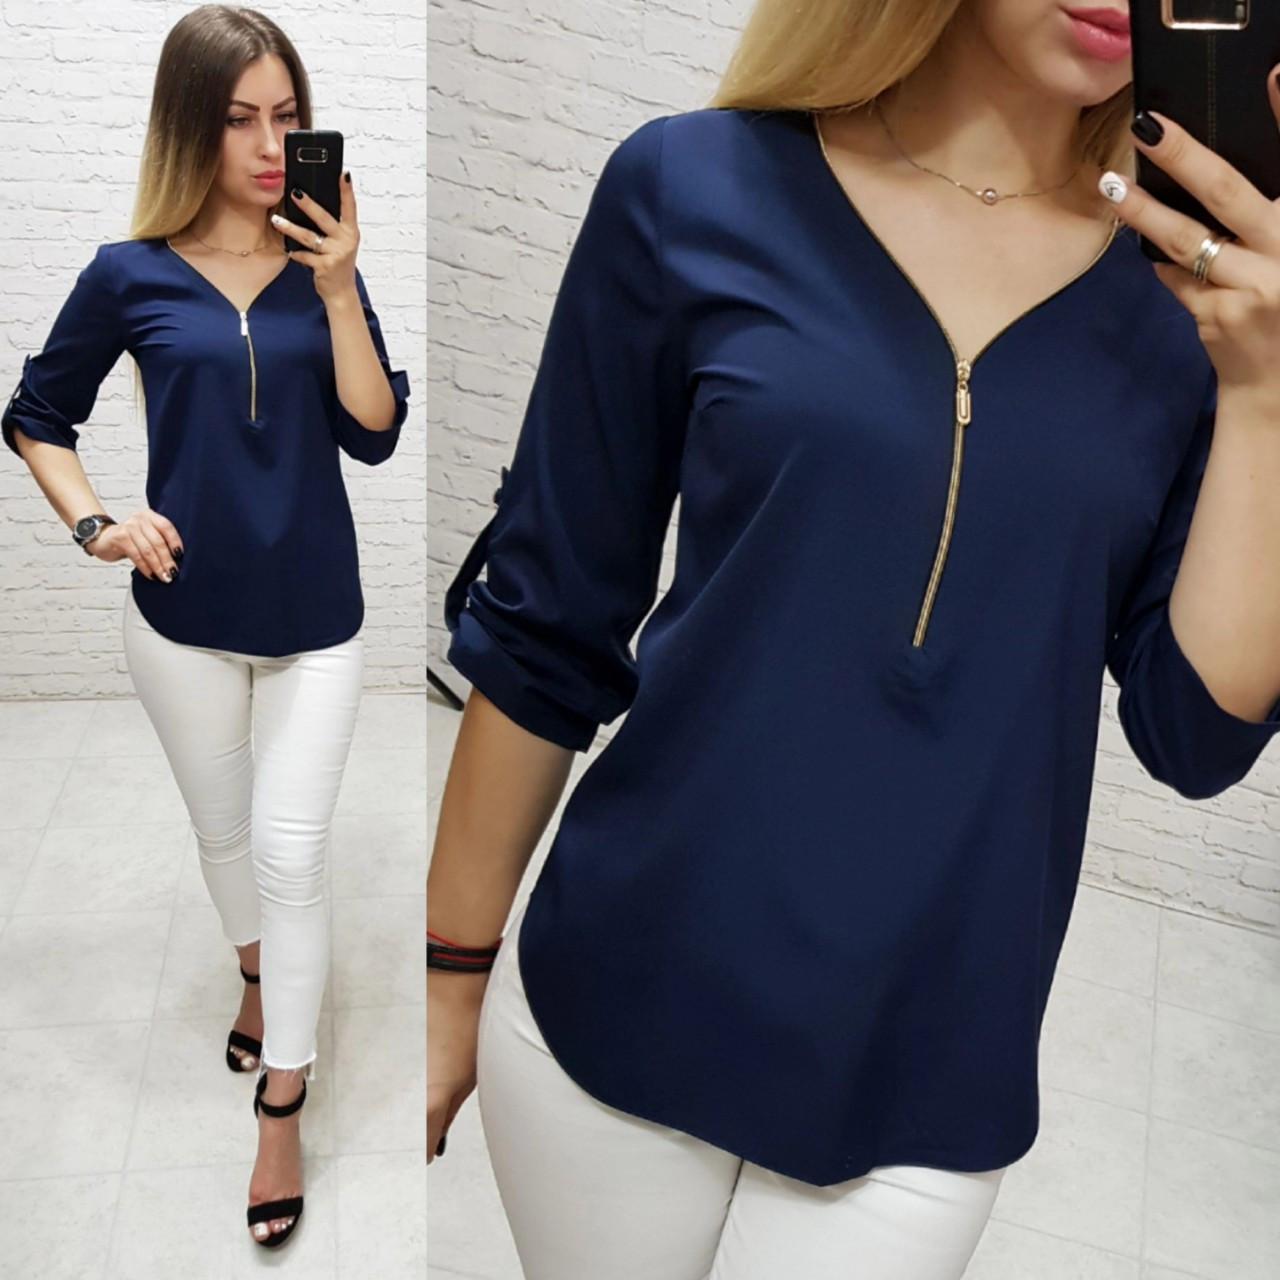 Блузка 158 Ткань: арт 158 синий темный